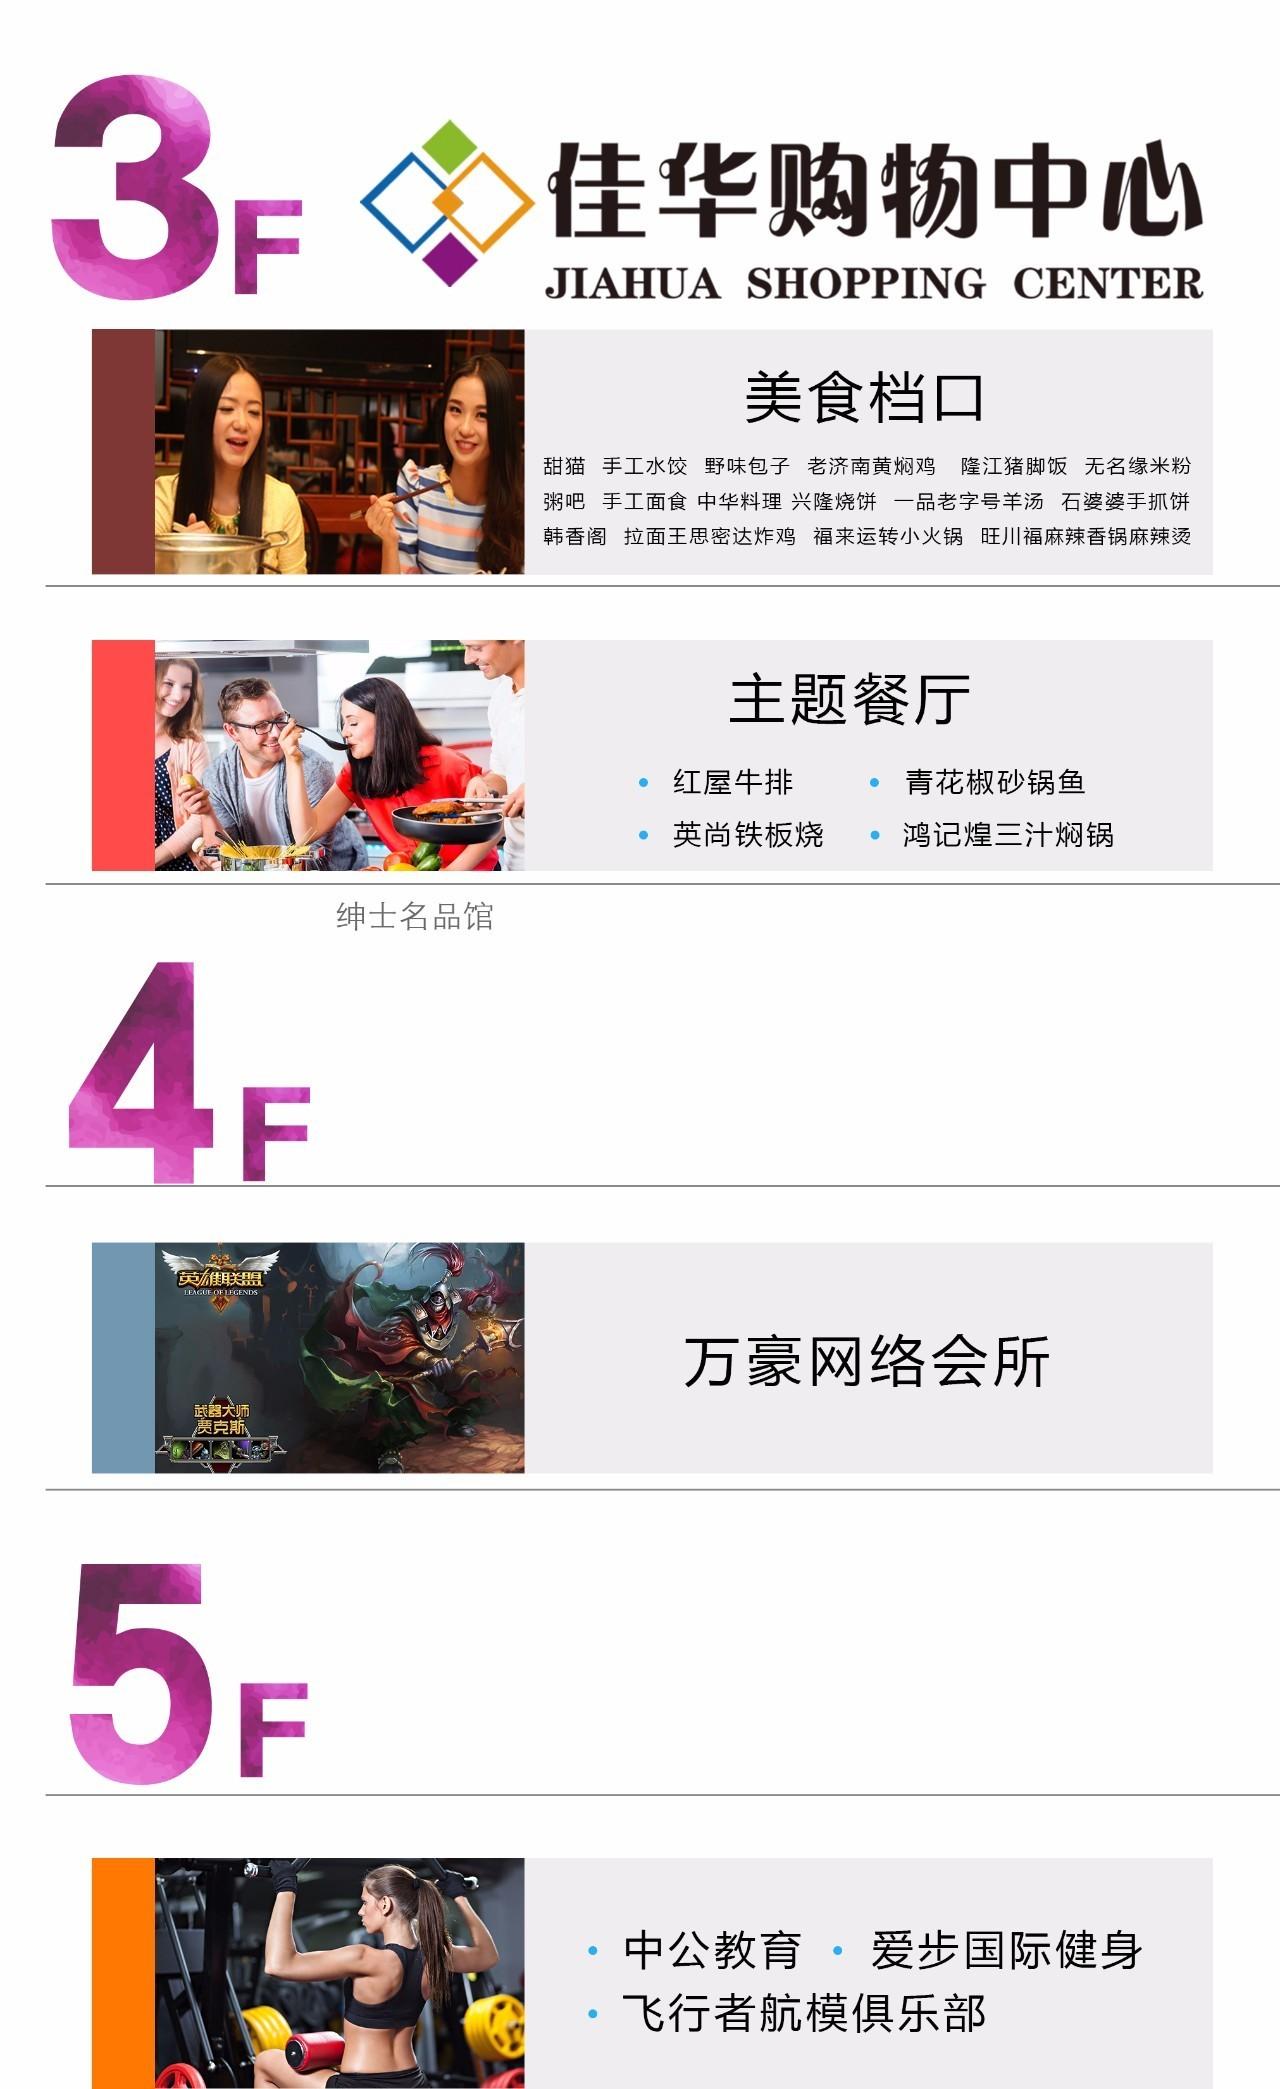 诚信荣成|佳华购物中心|诚信兴商宣传月,信用可以消费